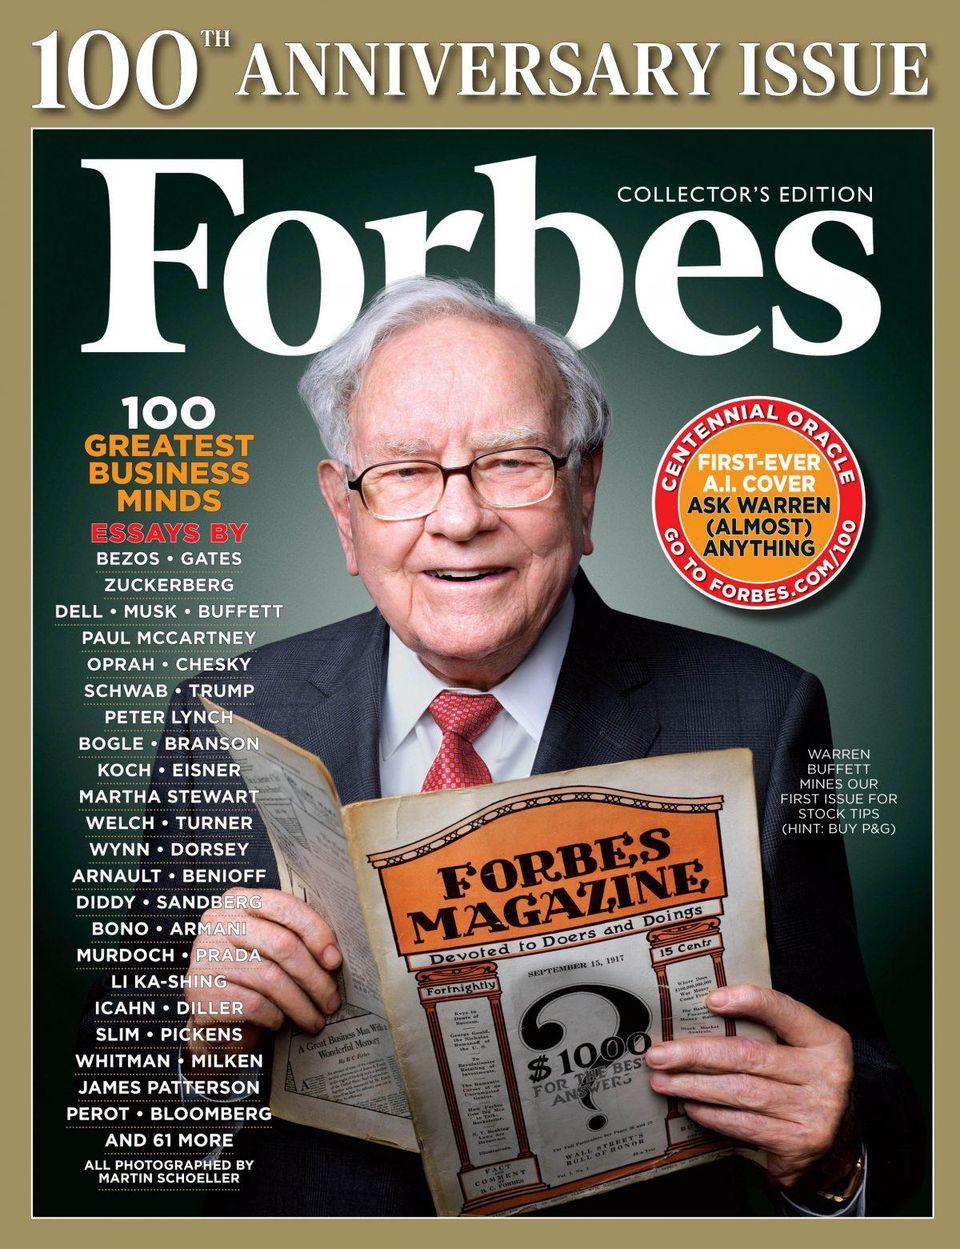 Ո՞վ էր Բերթի Ֆորբսը, ե՞րբ ստեղծվեց «Forbes» հեղինակավոր ամսագիրը